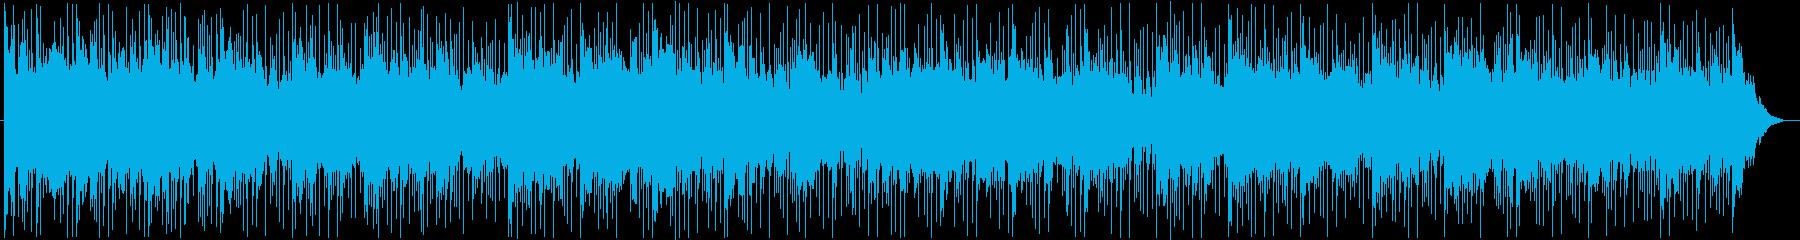 ジャンベ、コンガ、クレーブ、渦巻く...の再生済みの波形